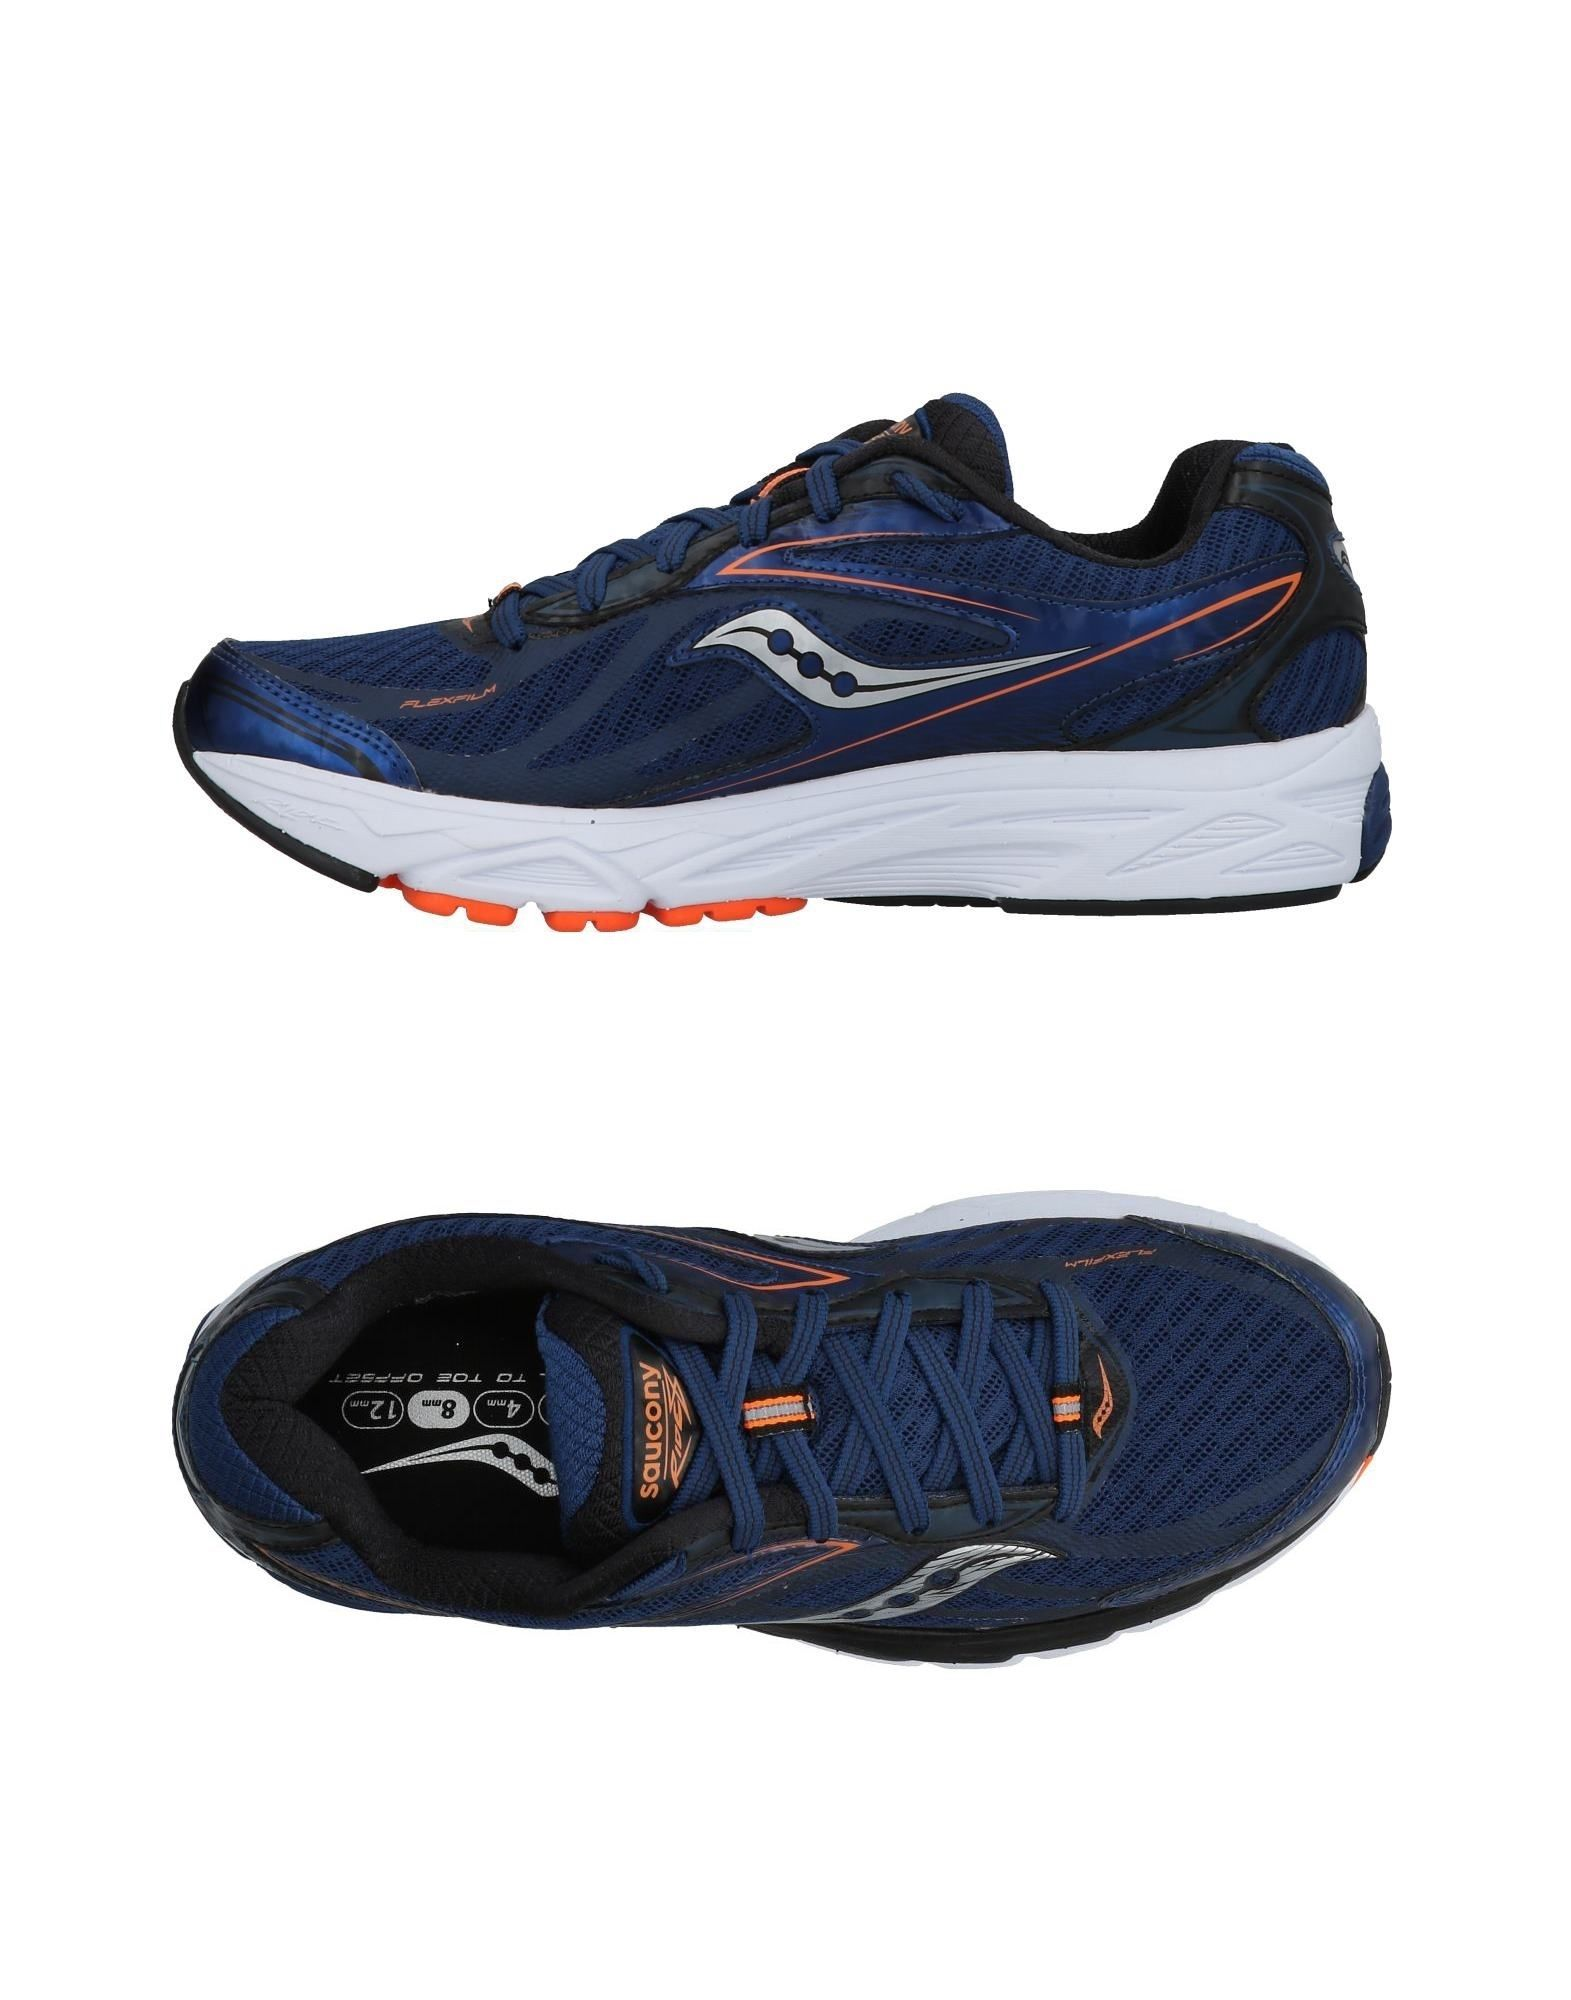 Haltbare Mode billige Schuhe Saucony Sneakers Herren  11430633DW Heiße Schuhe